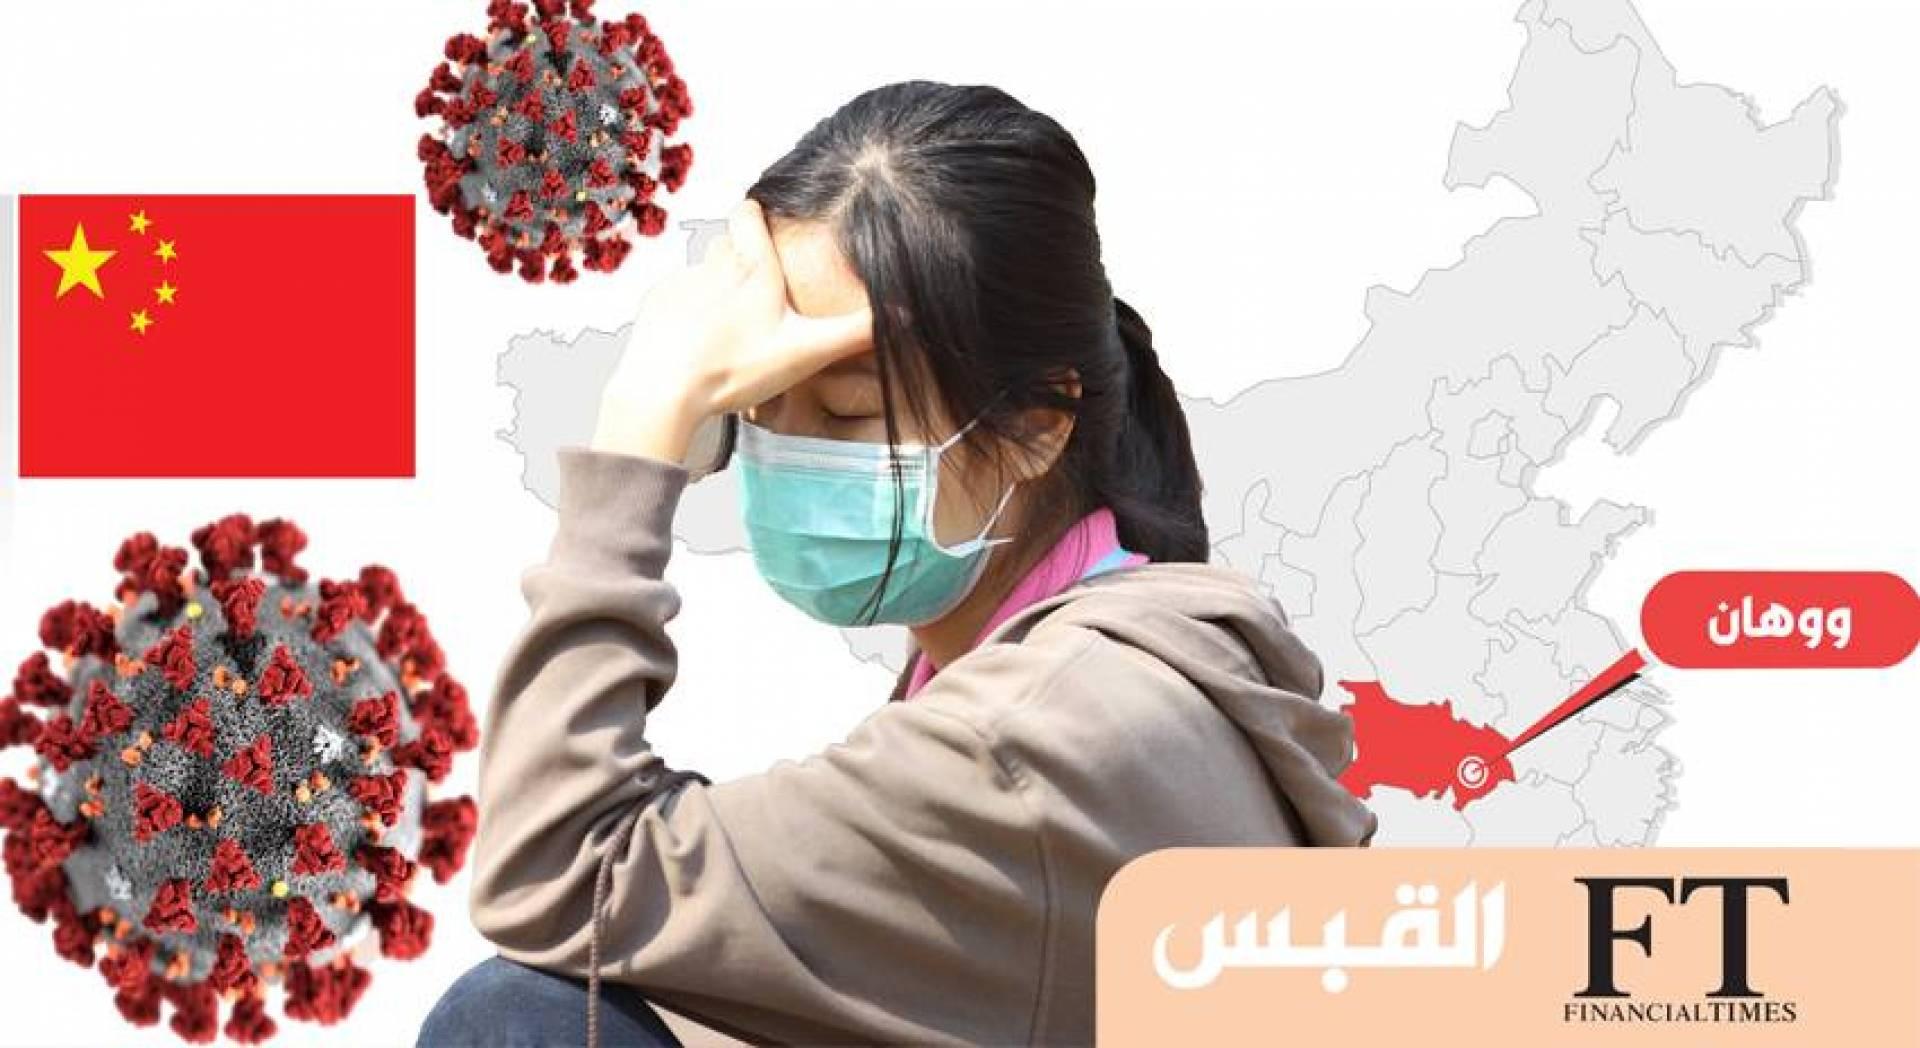 صرخات استغاثة من «ووهان» الصينية.. الأدوية لا تكفي لهزم «كورونا»